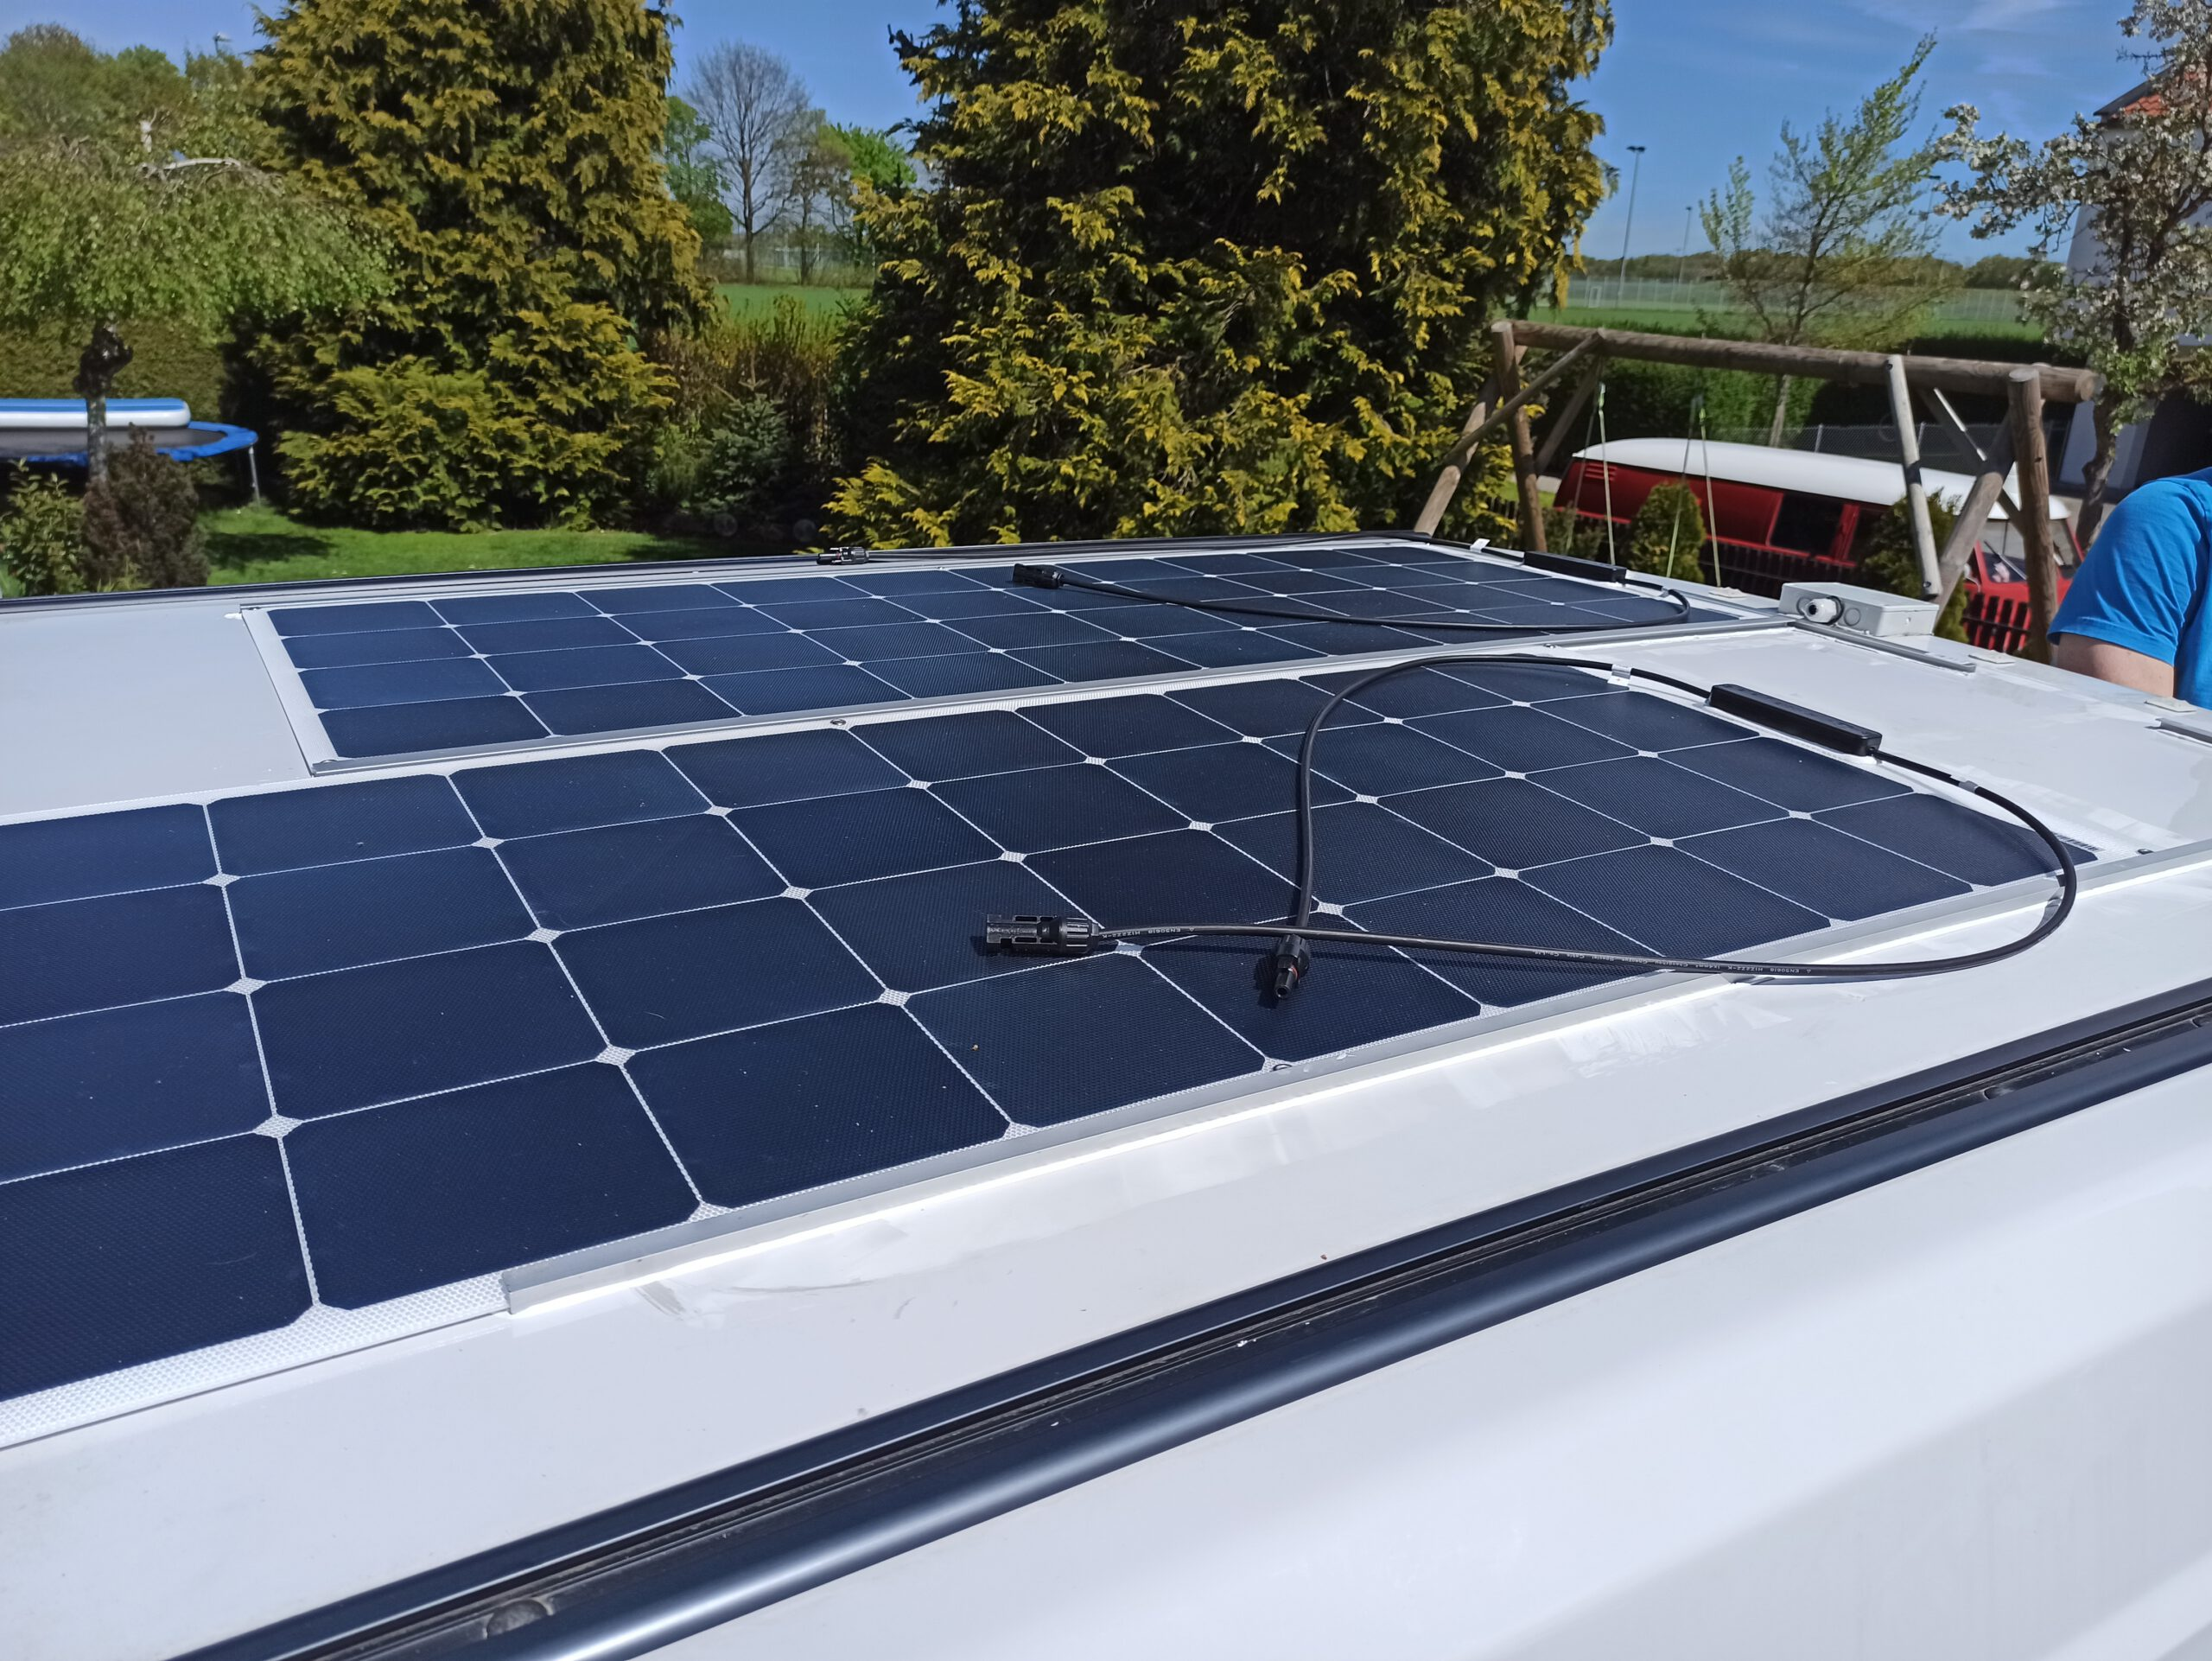 Verkleben semiflexibler Solarmodule auf dem Aufstelldach